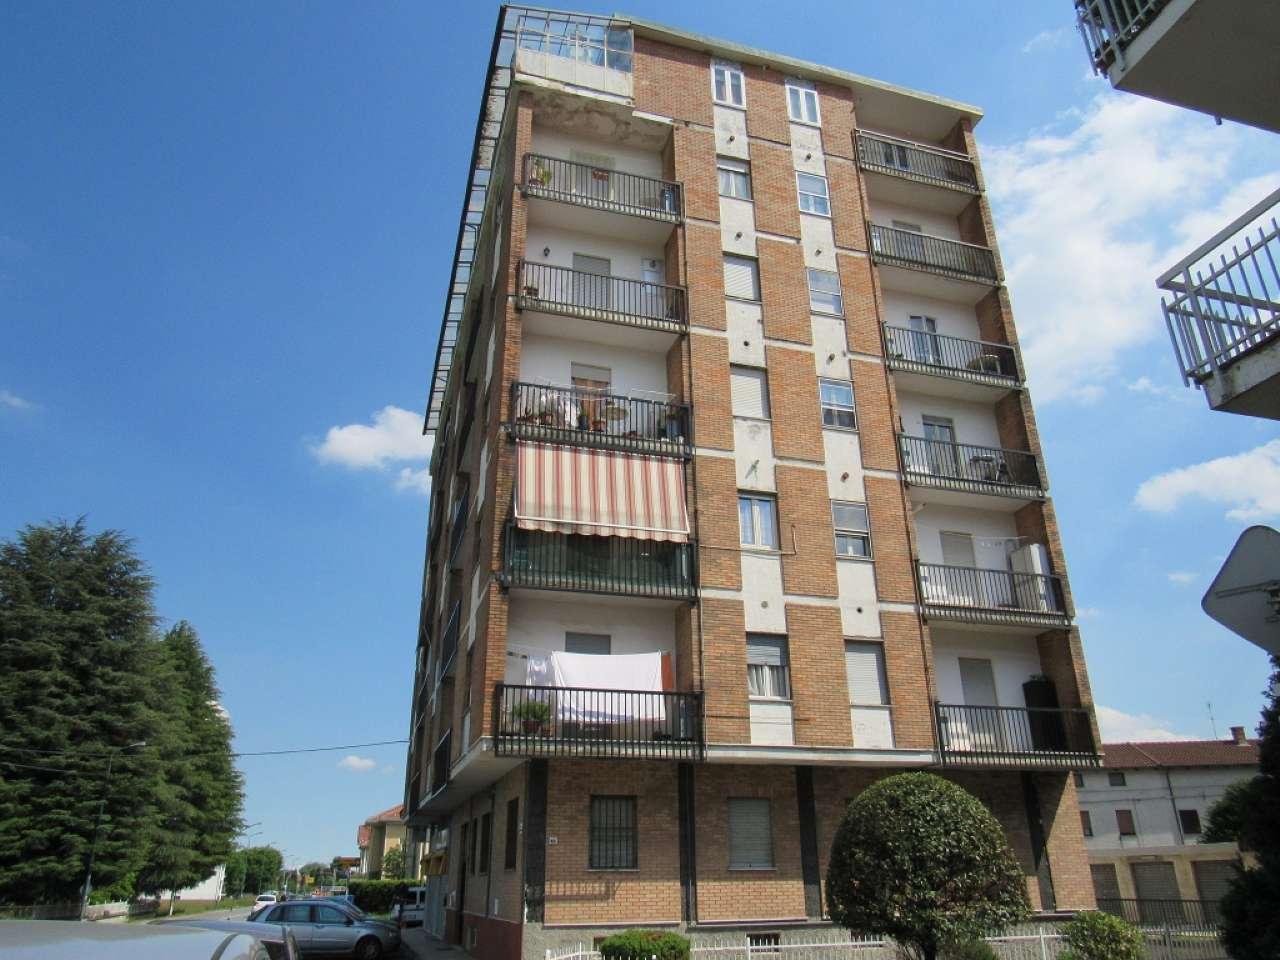 Appartamento in vendita a Mathi, 4 locali, prezzo € 90.000 | CambioCasa.it